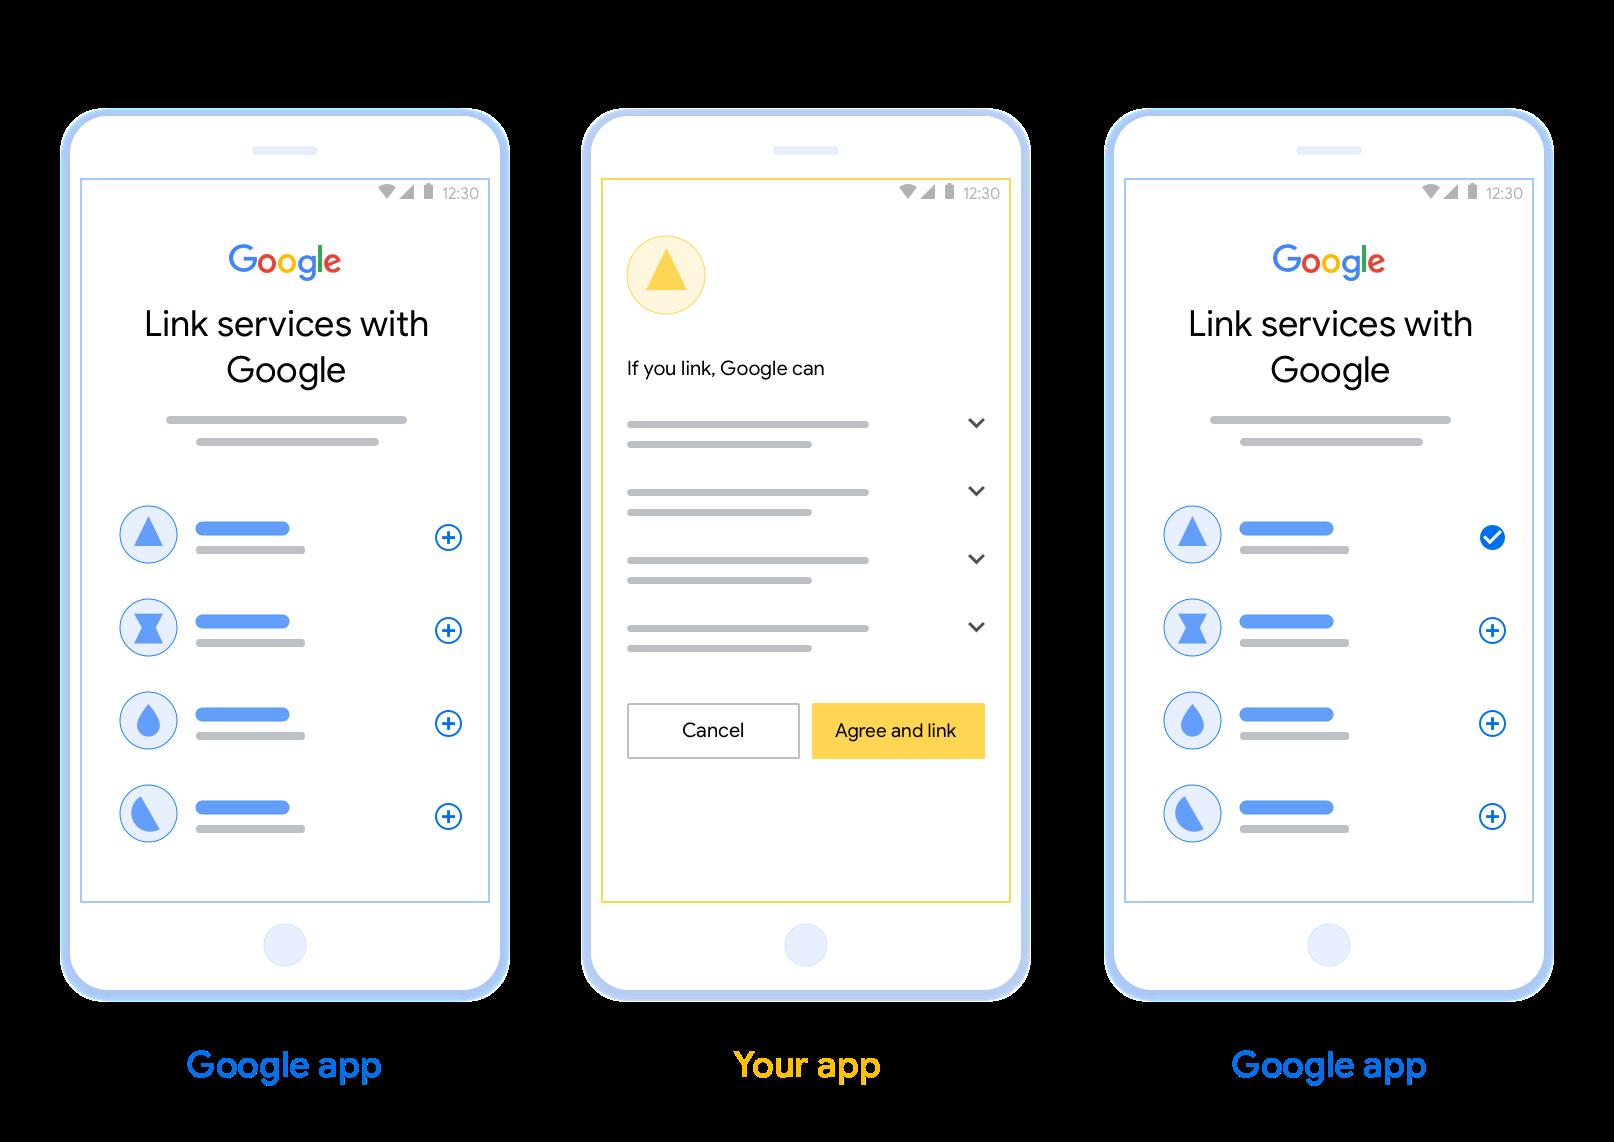 Bu şekil, bir kullanıcının Google hesabını kimlik doğrulama sisteminize bağlama adımlarını gösterir. İlk ekran görüntüsü, Google hesabı uygulamanıza bağlıysa bir kullanıcının uygulamanızı nasıl seçebileceğini gösterir. İkinci ekran görüntüsü, Google hesaplarını uygulamanıza bağlamanın onayını gösterir. Üçüncü ekran görüntüsü, Google uygulamasına başarıyla bağlanmış bir kullanıcı hesabını gösterir.